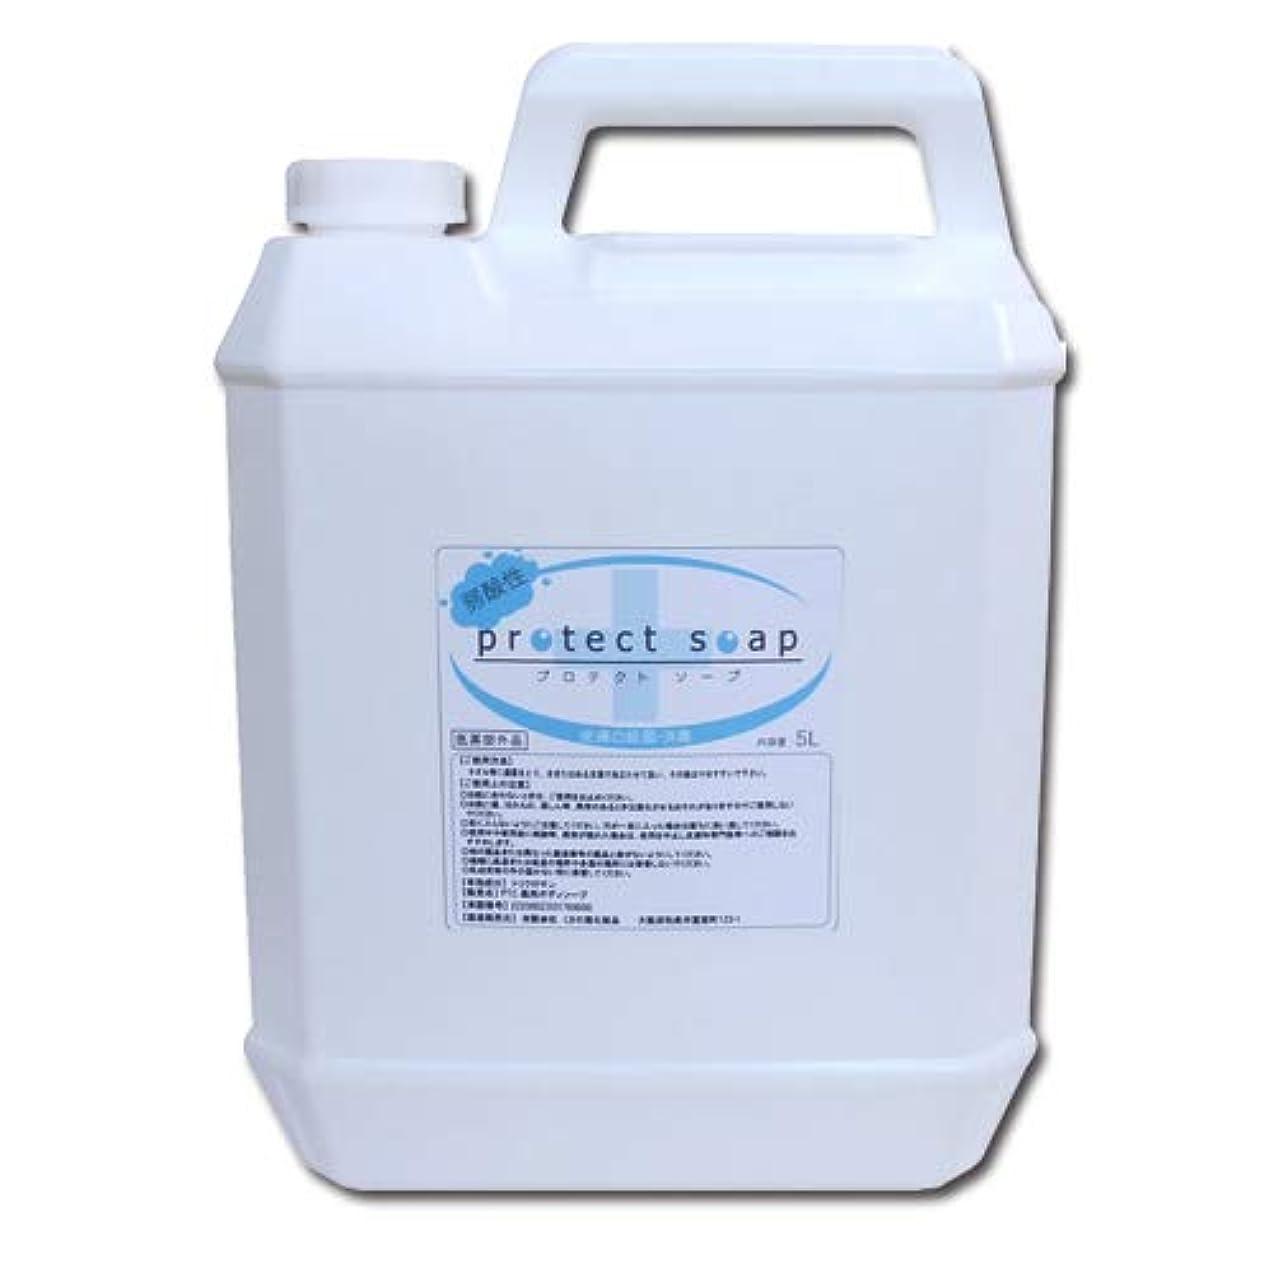 確かに磨かれたマラウイ低刺激弱酸性 液体石鹸 プロテクトソープ 5L 業務用│せっけん液 液体せっけん 殺菌?消毒 インフルエンザ?ノロウィルス対策